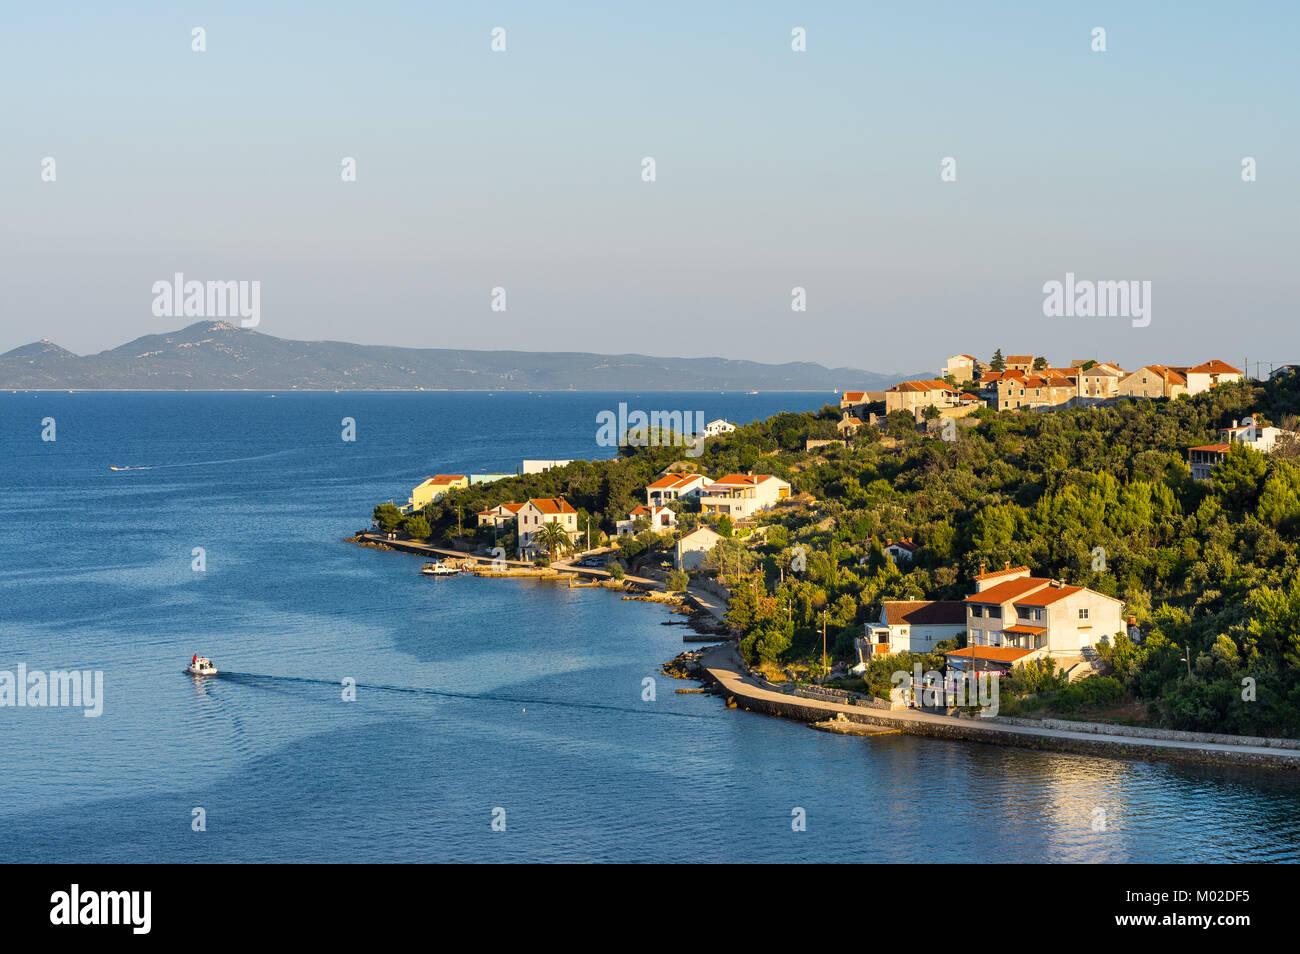 L'estate sull'isola Iz, Croazia Immagini Stock